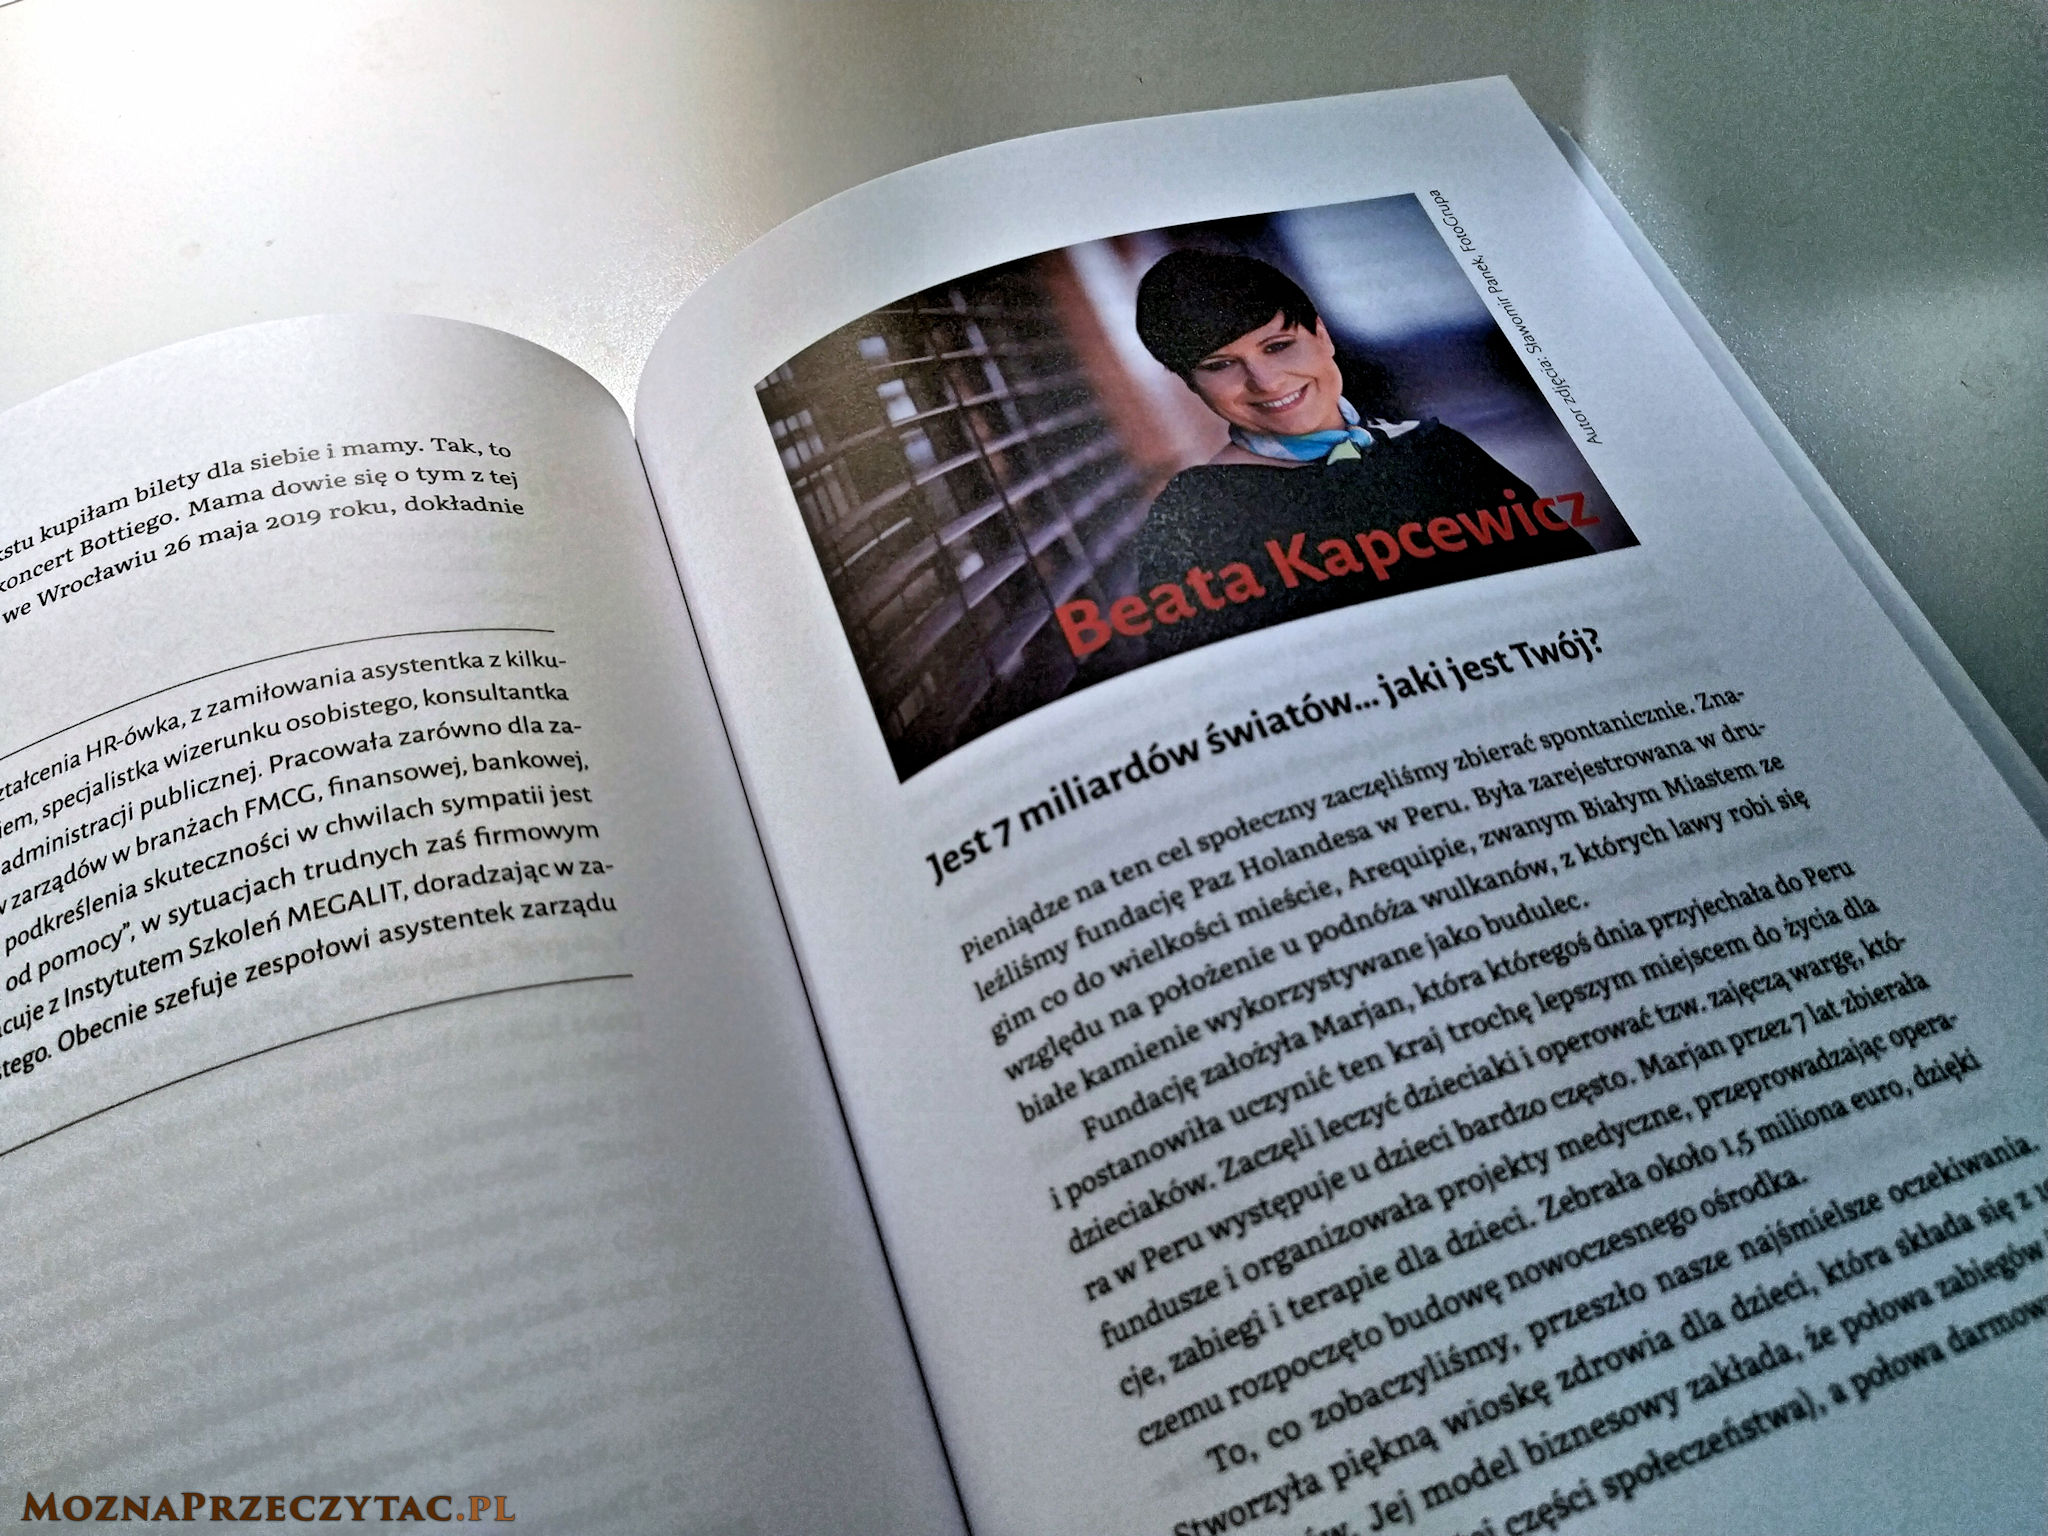 77 historii, które mogą dać Ci kopa w życiu i biznesie - Marek Skała i goście